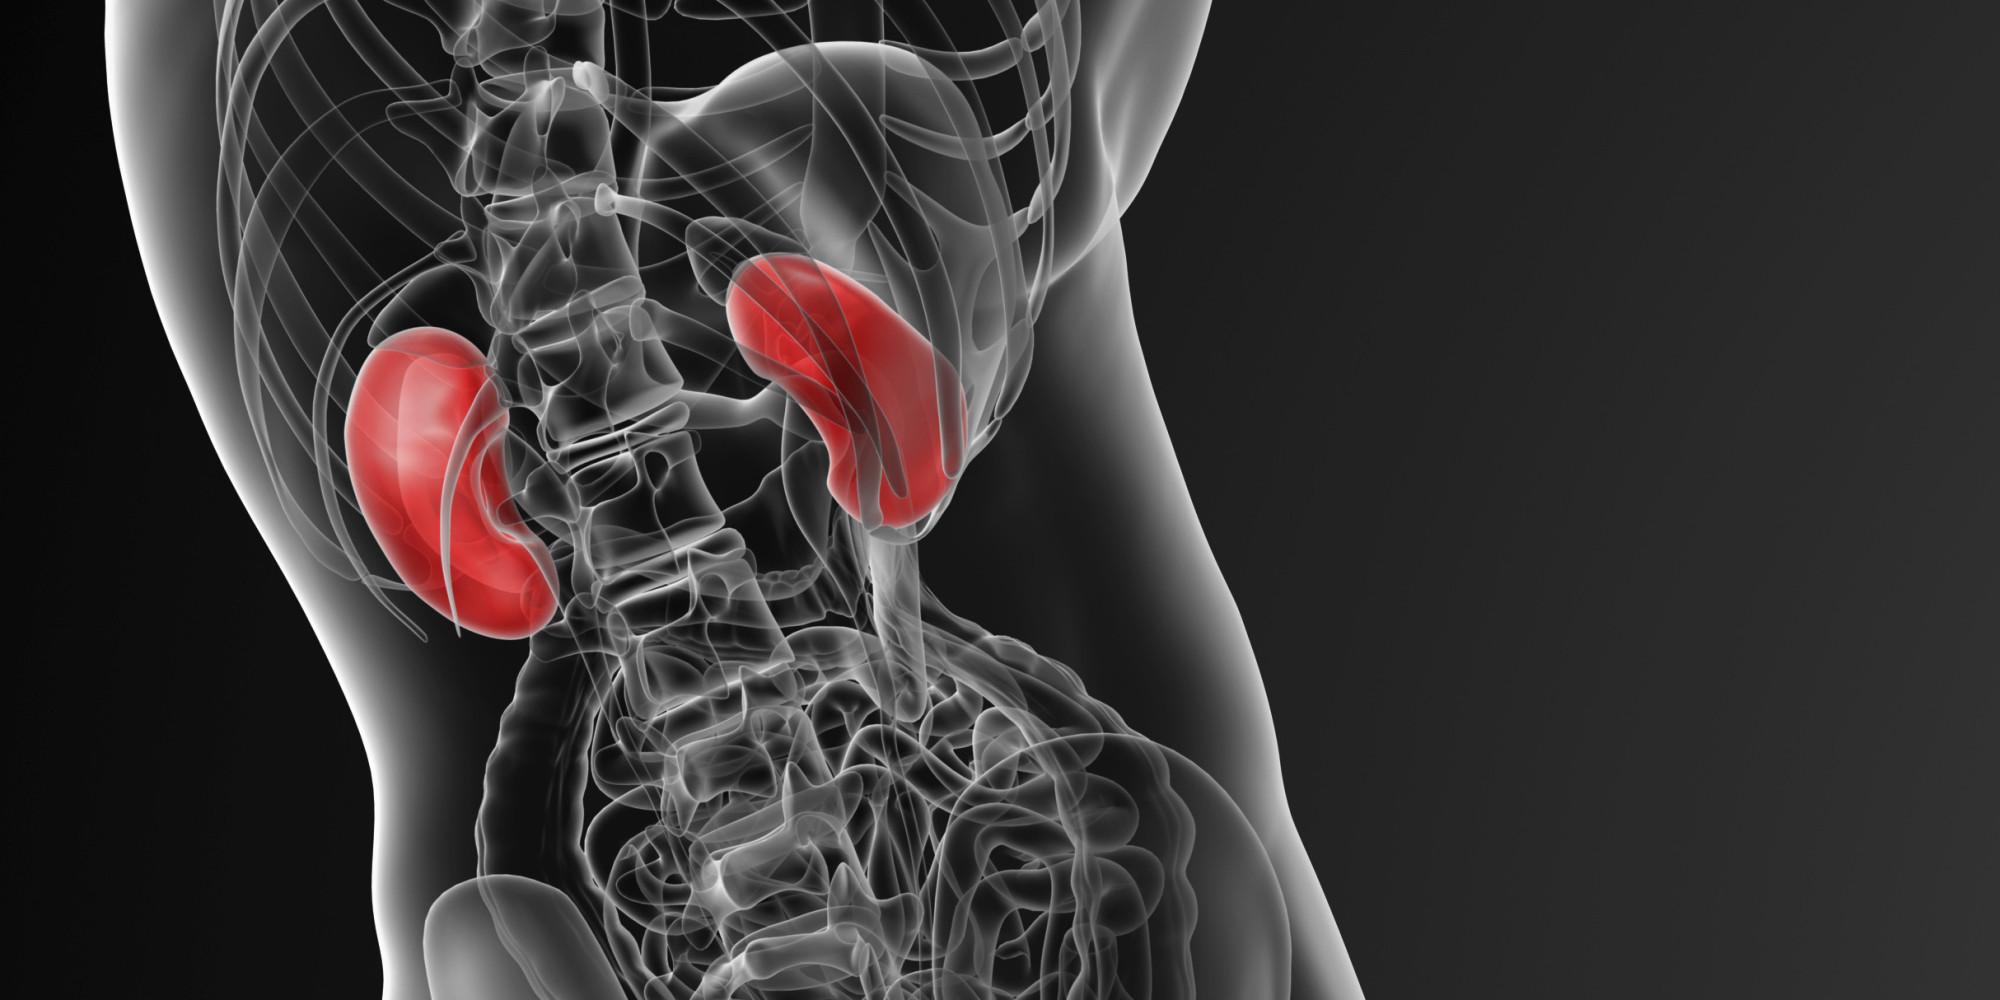 zehn anzeichen dafür, dass sie an einer nierenkrankheit leiden